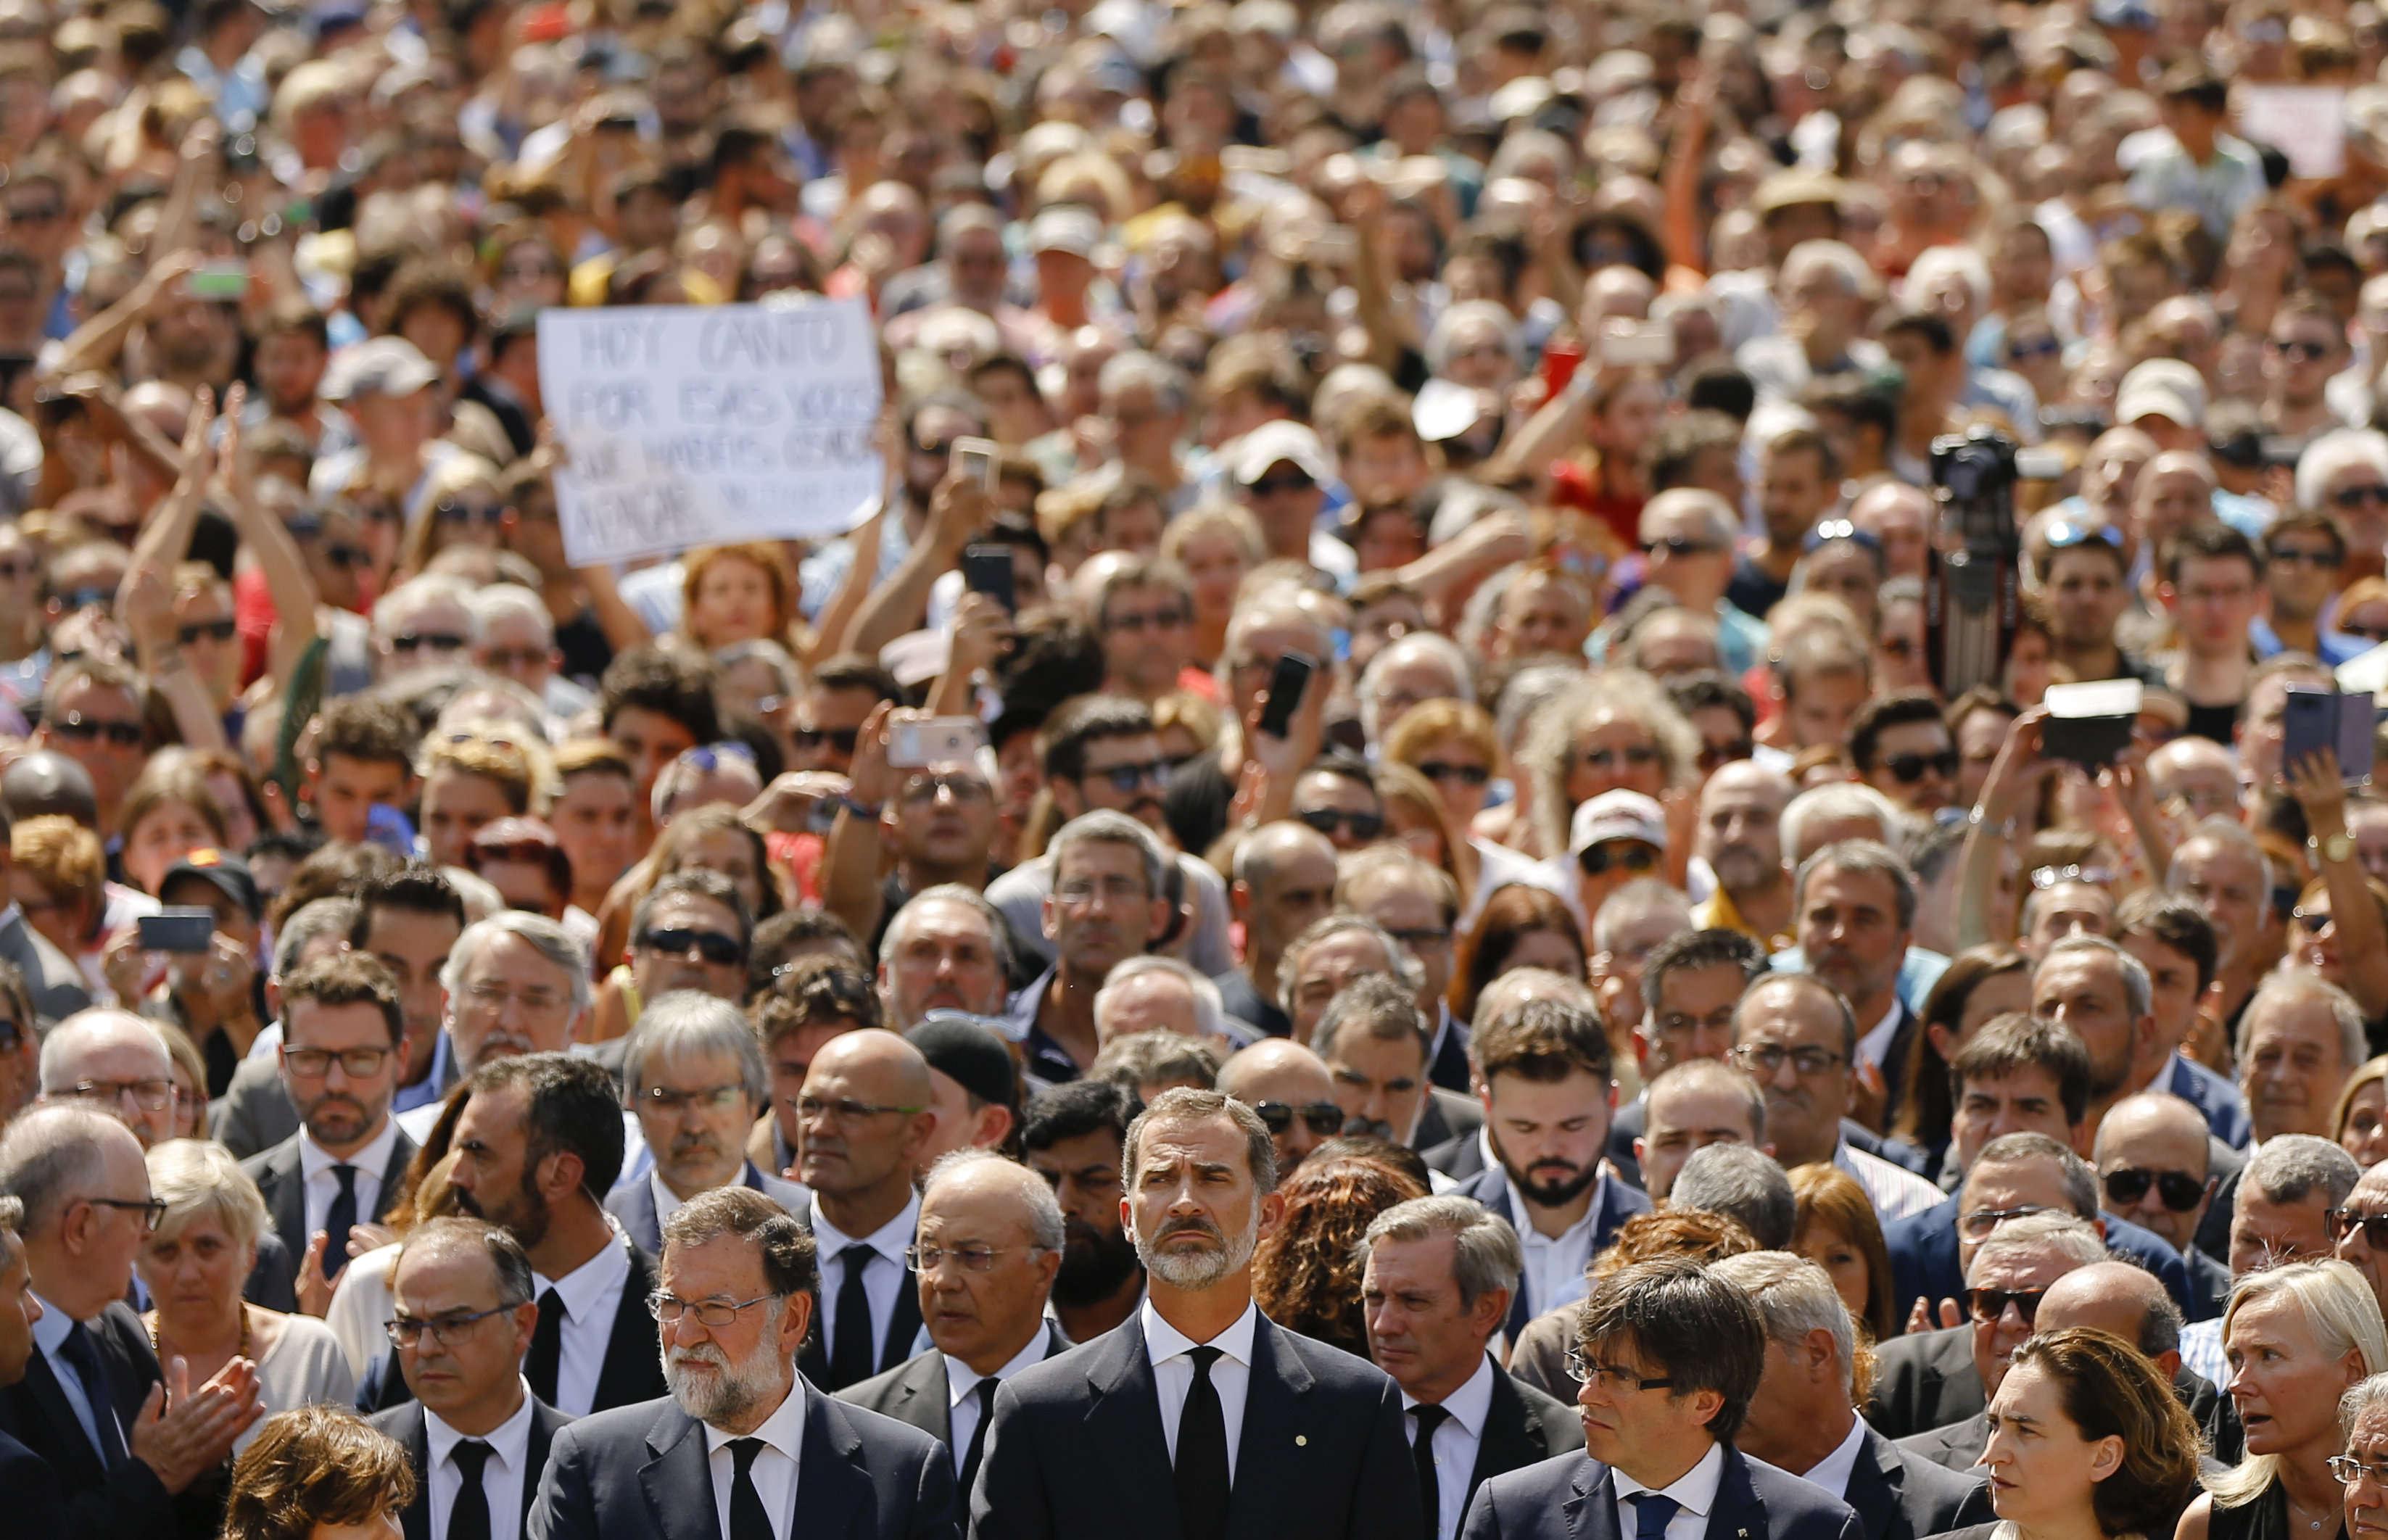 La foule pendant la minute de silence en hommage aux victimes, place de Catalogne, vendredi 18août. Le roi FelipeVI et le premier ministre Mariano Rajoy sont au premier plan.